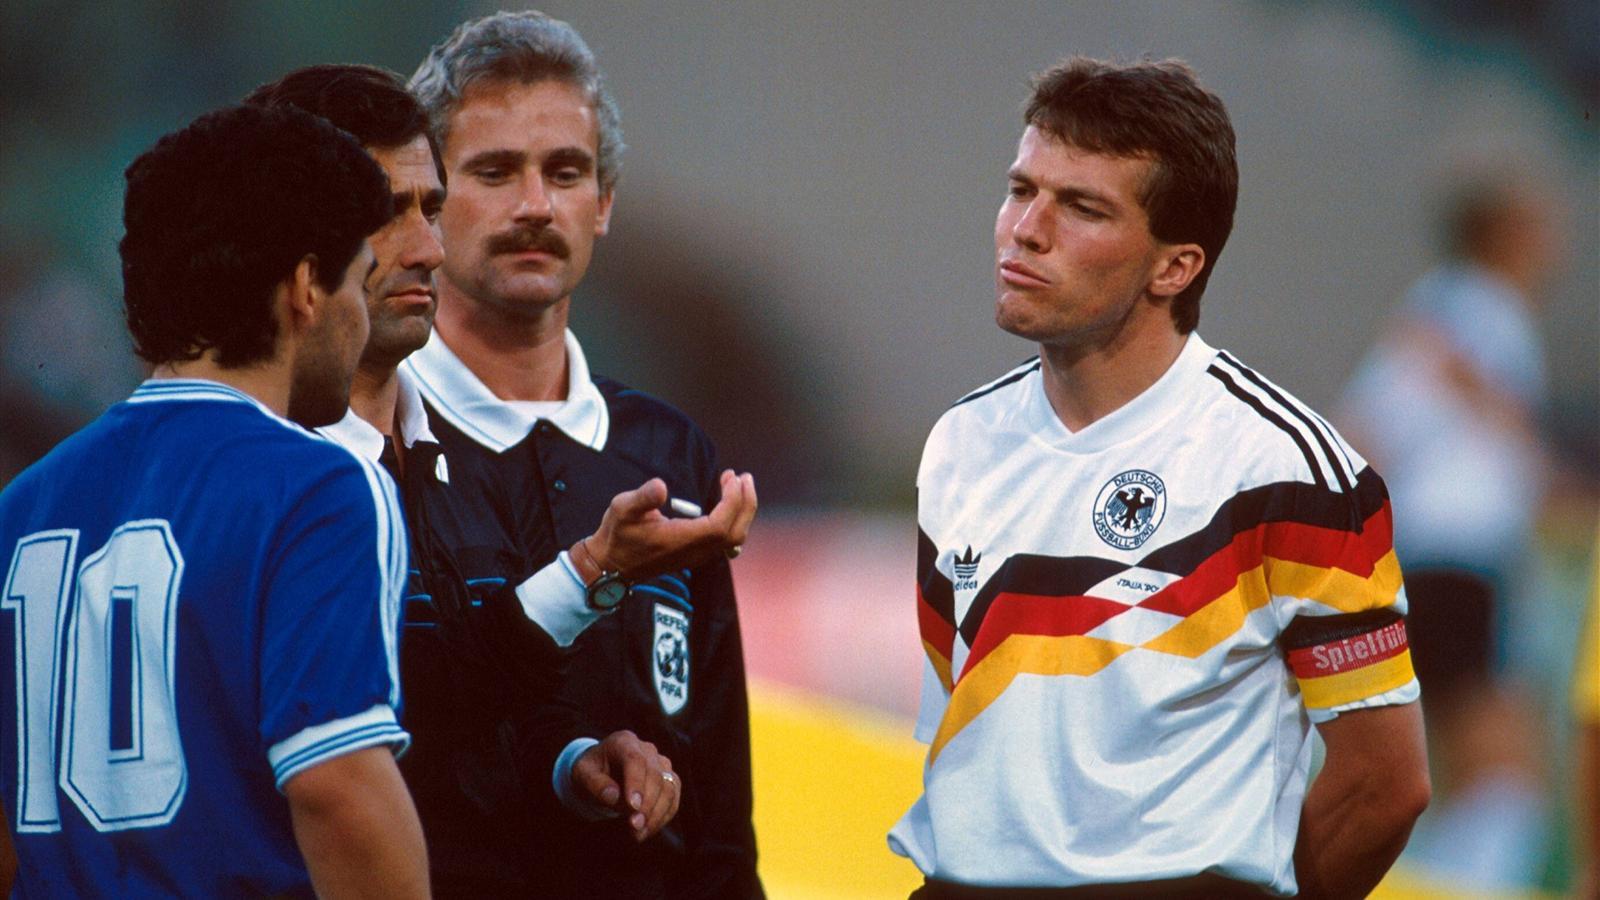 Lothar Matthaus et Diego Maradona avant le coup d'envoi de la finale du Mondiale italien en 1990.